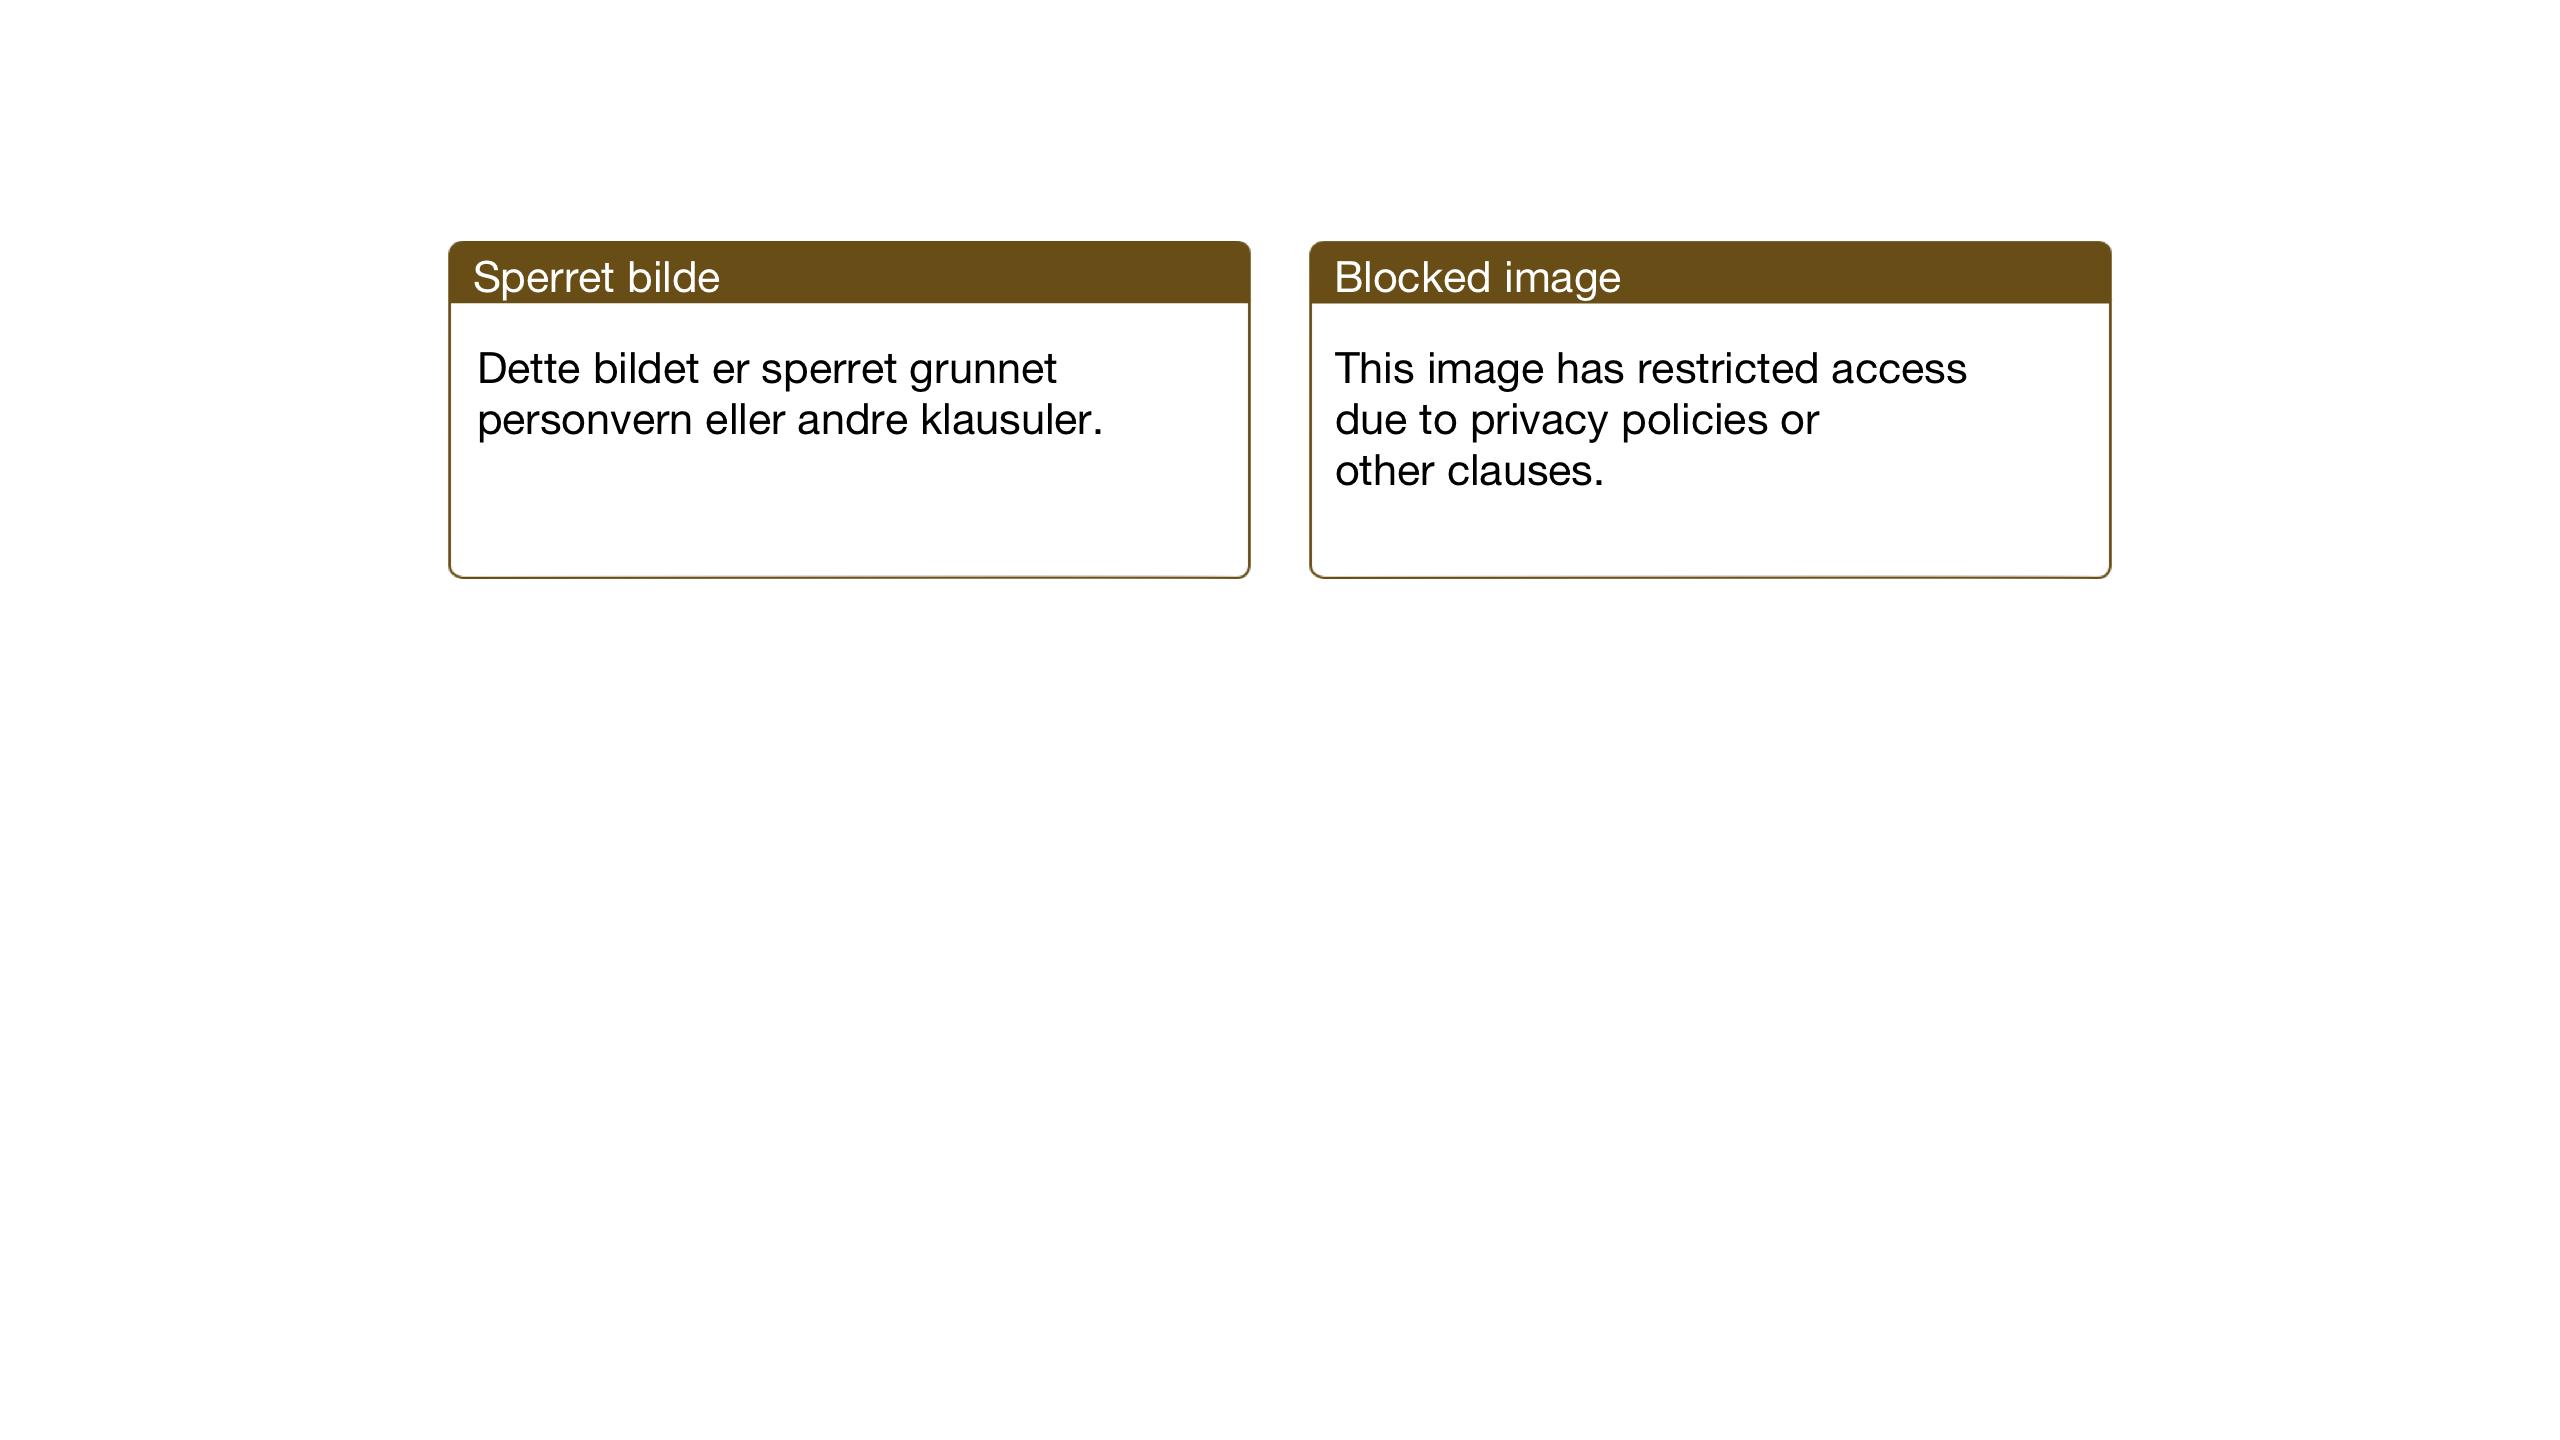 SAT, Ministerialprotokoller, klokkerbøker og fødselsregistre - Sør-Trøndelag, 682/L0947: Klokkerbok nr. 682C01, 1926-1968, s. 10